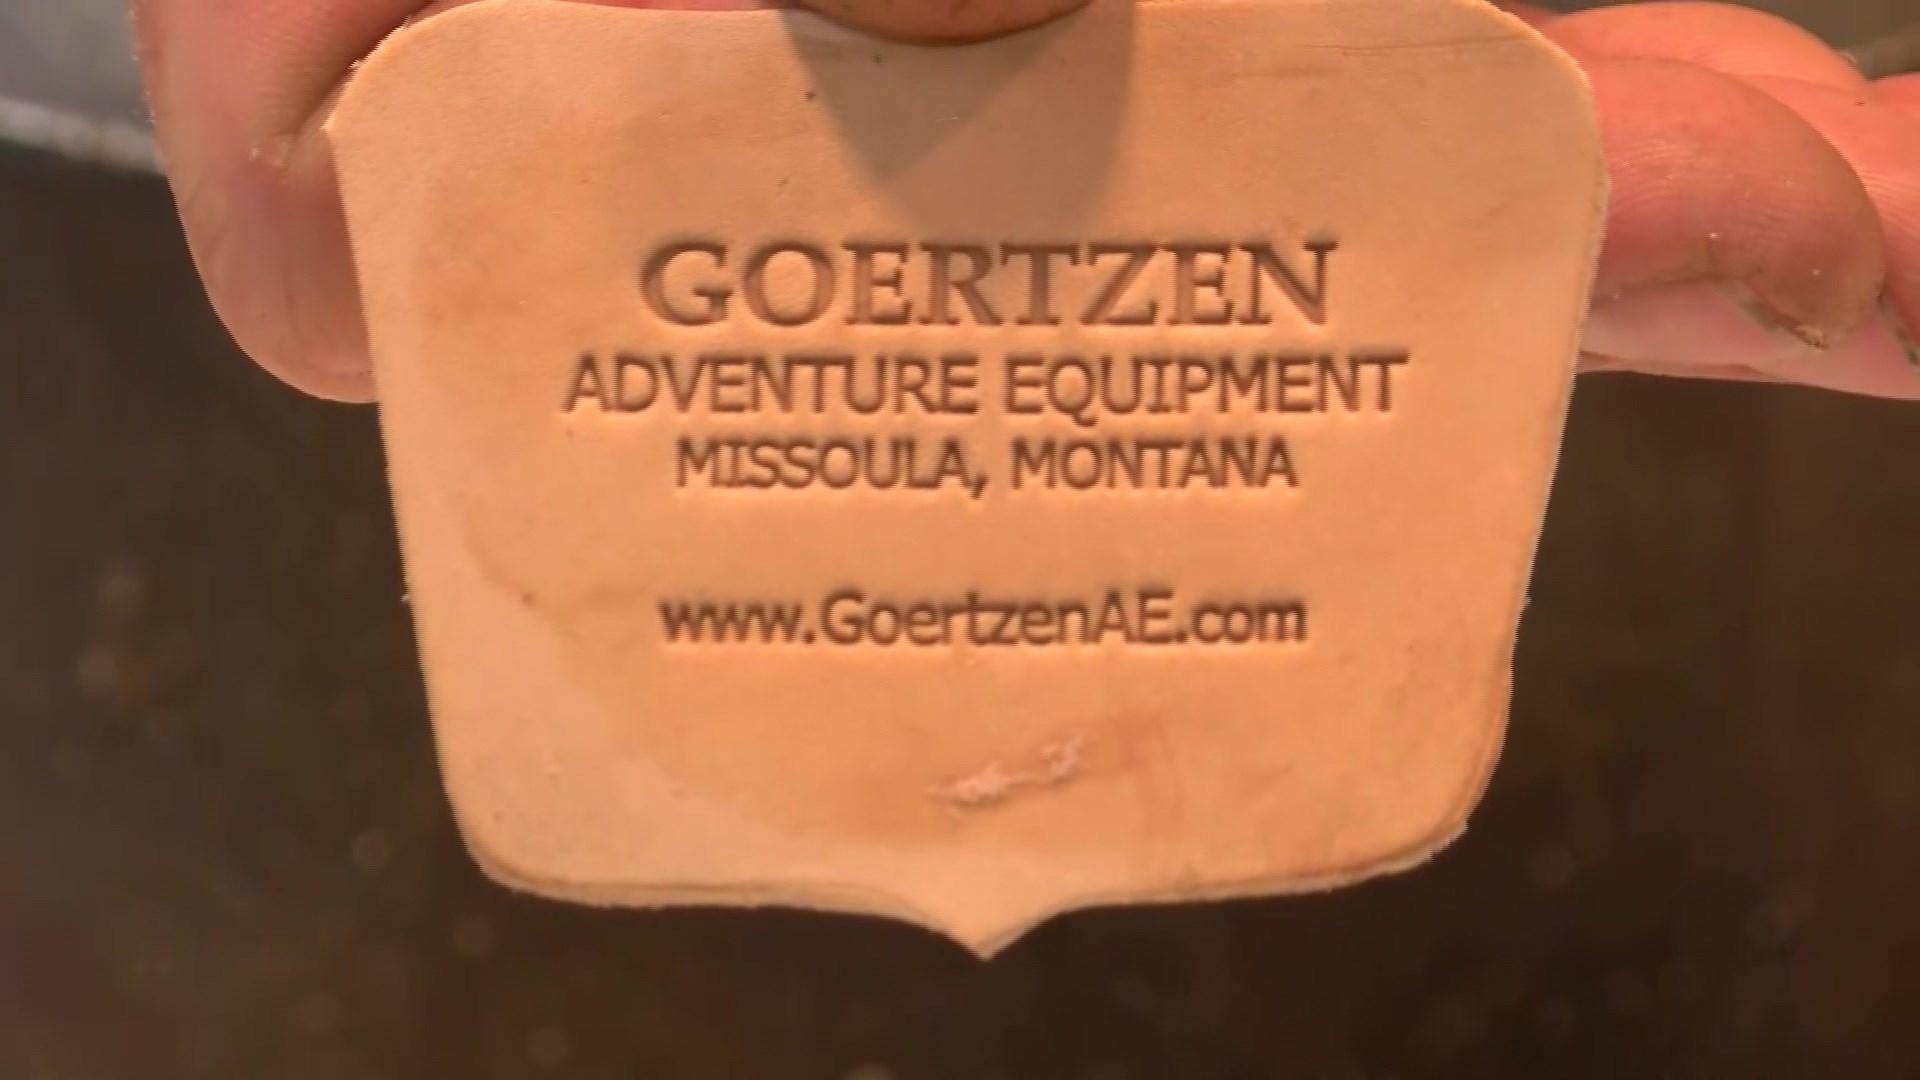 Goertzen Adventure Equipment